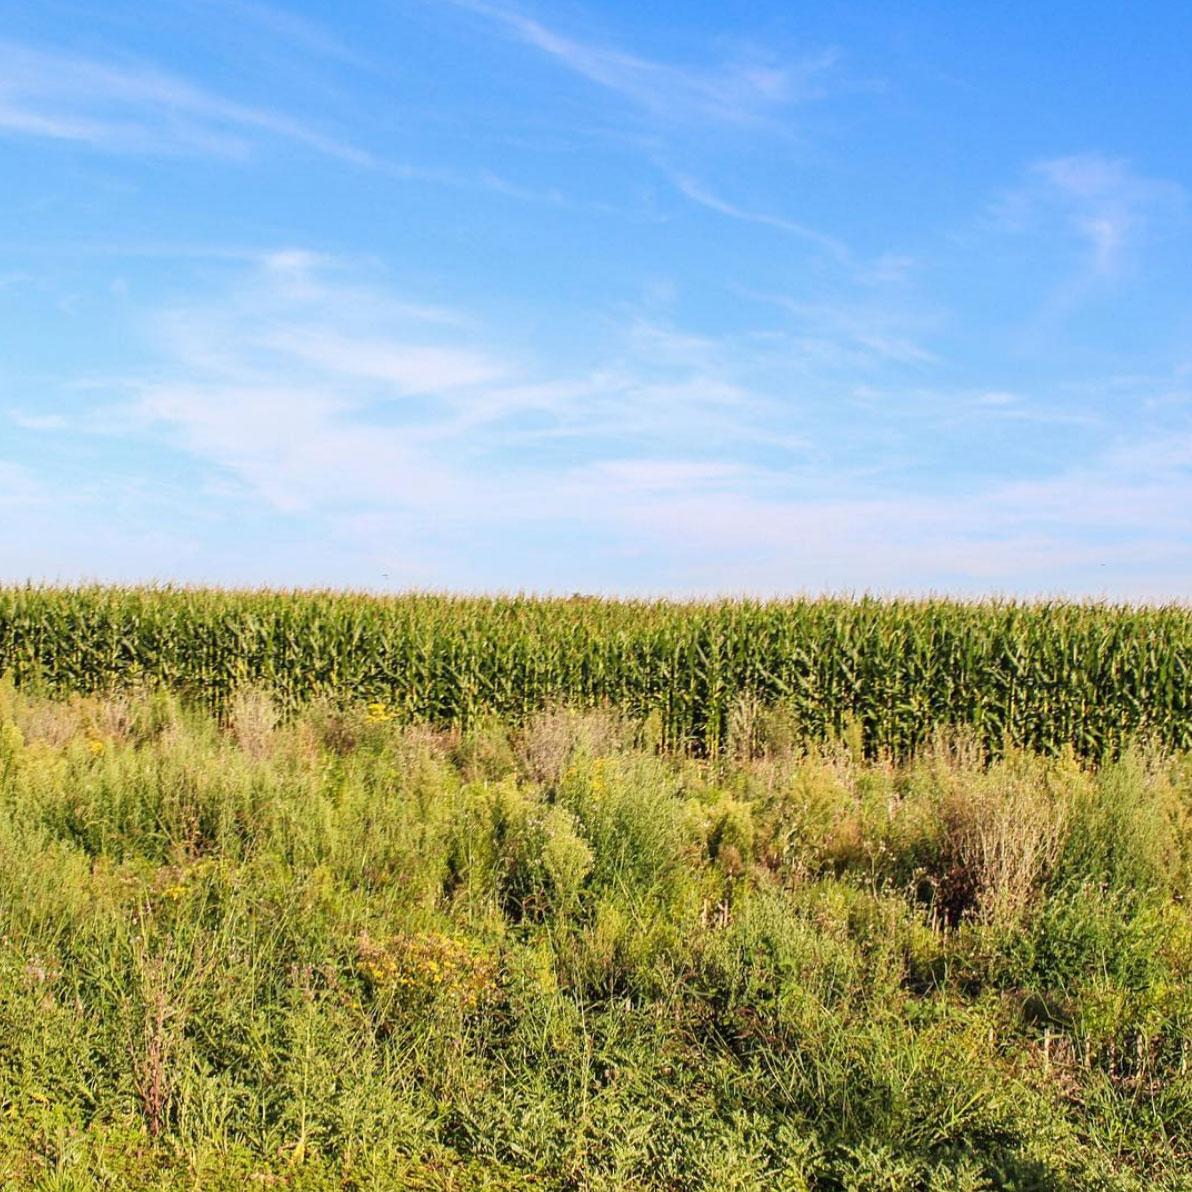 Corn fields in Germany